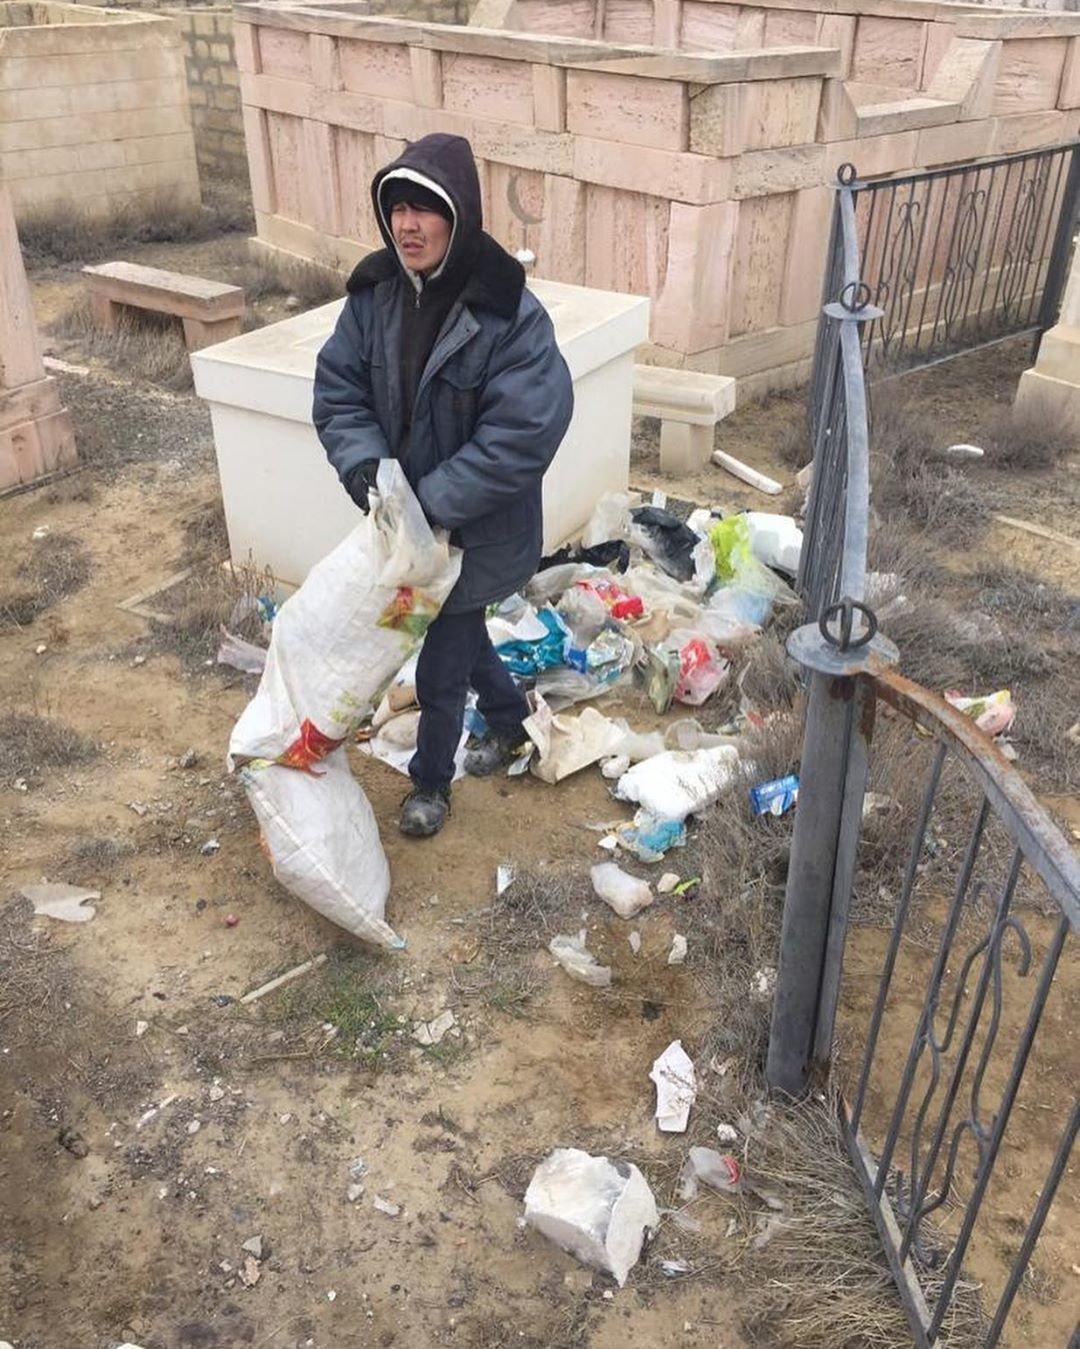 Аким Акшукура с волонтерами убрали мусульманское кладбище после жалобы жительницы, фото-1